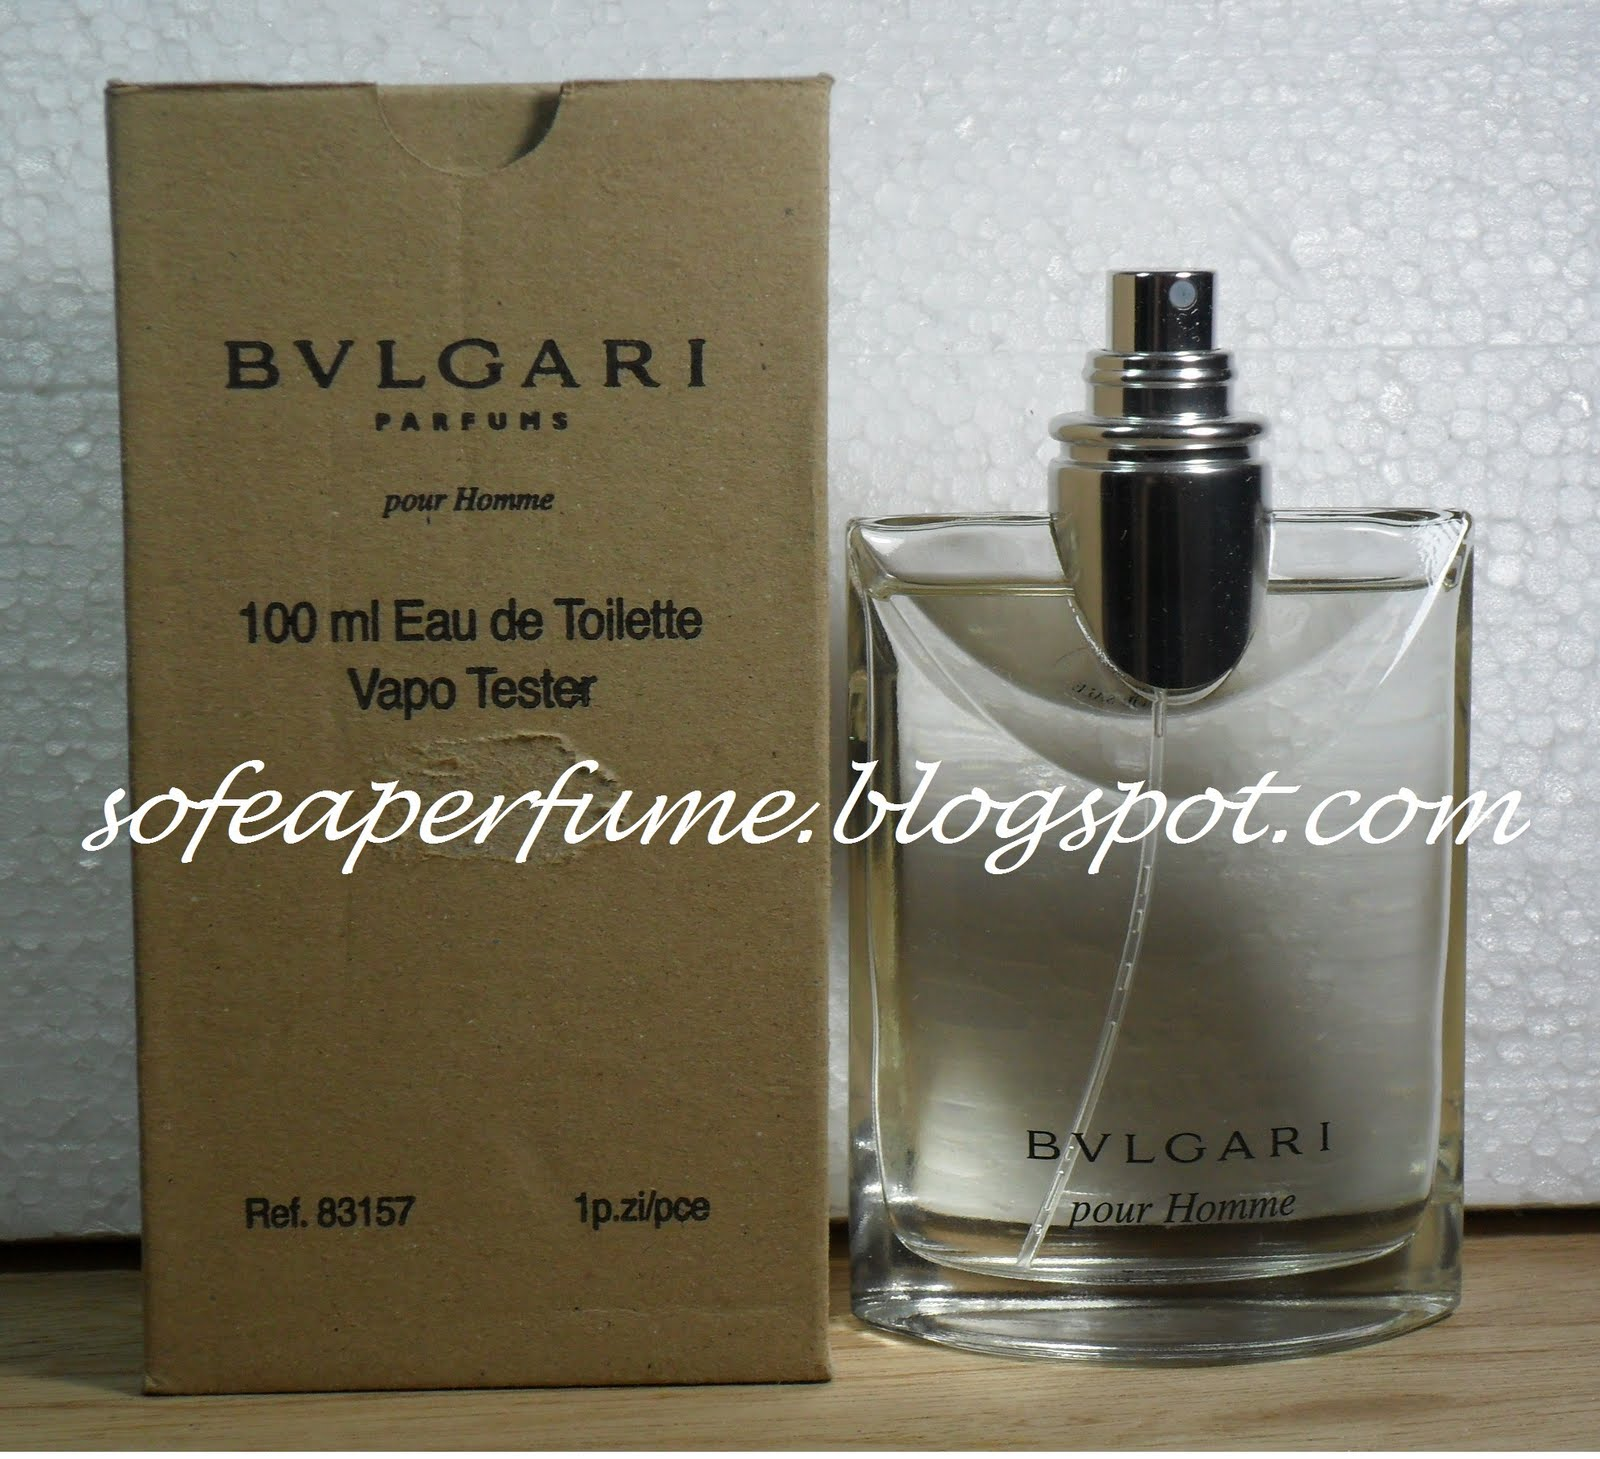 fa2555328df5 Sofea Perfume  Bvlgari Pour Homme by Bvlgari